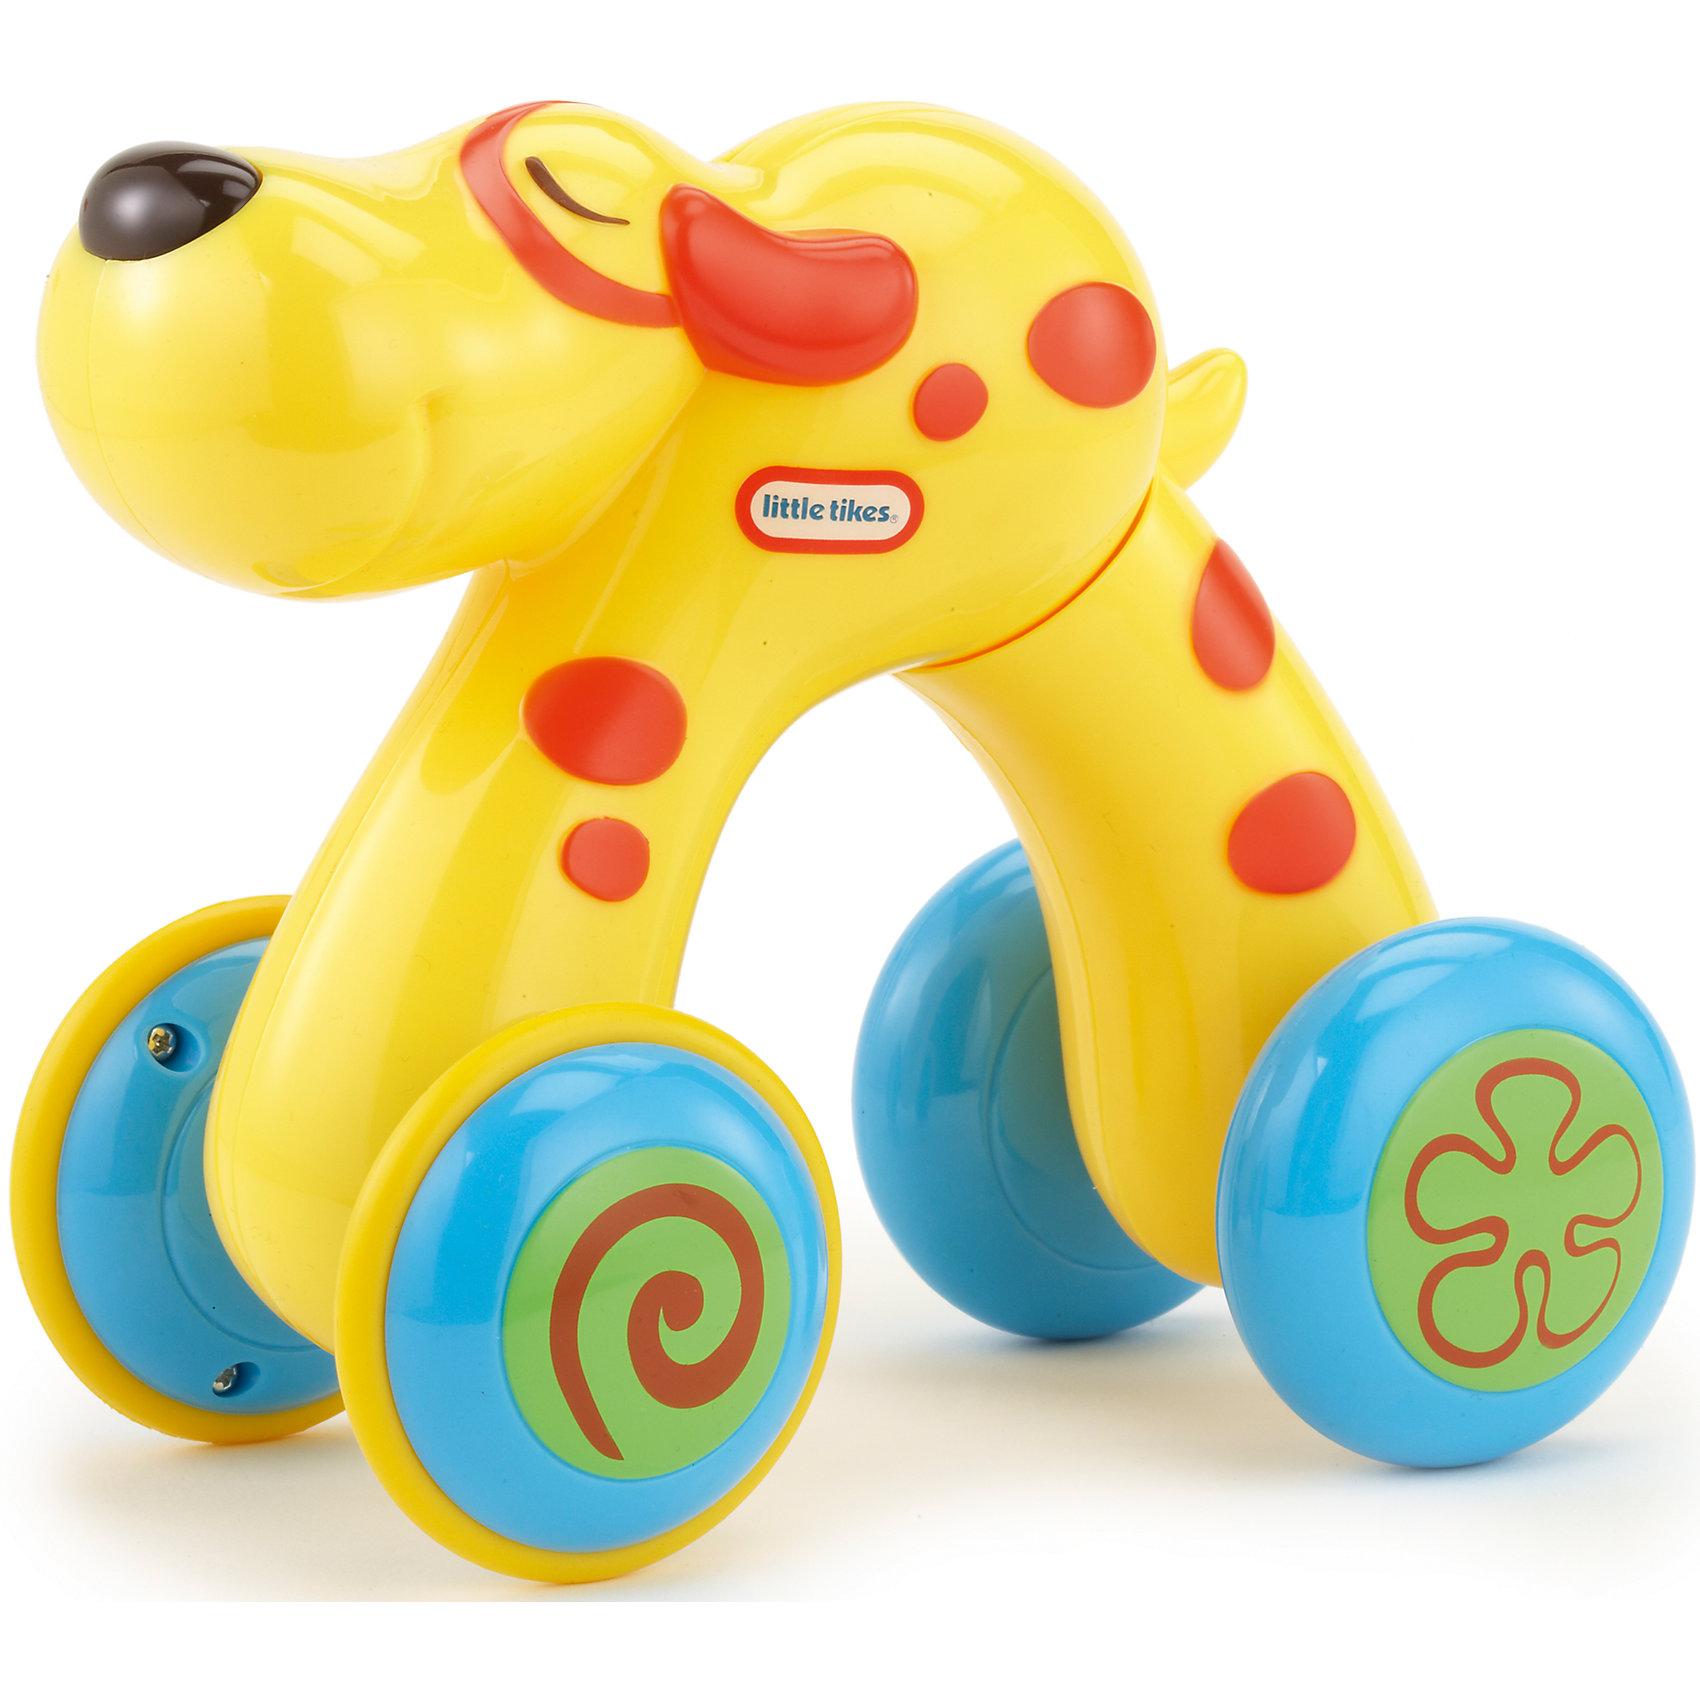 Домашний питомец Собака, Little TikesИгрушки-каталки<br>Домашний питомец от Литл Тайкс - это развивающая инерционная игрушка в виде собаки. Веселые зверьки на колесиках могут передвигаться! При нажатии на спинку игрушка растягивается. Если спинку отпустить, она возвращается в первоначальное положение, при этом двигаясь вперед. Такая игрушка способствует развитию зрительно-моторной координации.<br><br>Дополнительная информация:<br><br>Собачка желтого цвета, с оранжевыми полосками.<br><br>Игрушку Домашний питомец , Little Tikes (Литл Тайкс), можно купить в нашем магазине.<br><br>Ширина мм: 190<br>Глубина мм: 200<br>Высота мм: 125<br>Вес г: 407<br>Возраст от месяцев: 36<br>Возраст до месяцев: 72<br>Пол: Унисекс<br>Возраст: Детский<br>SKU: 4874113